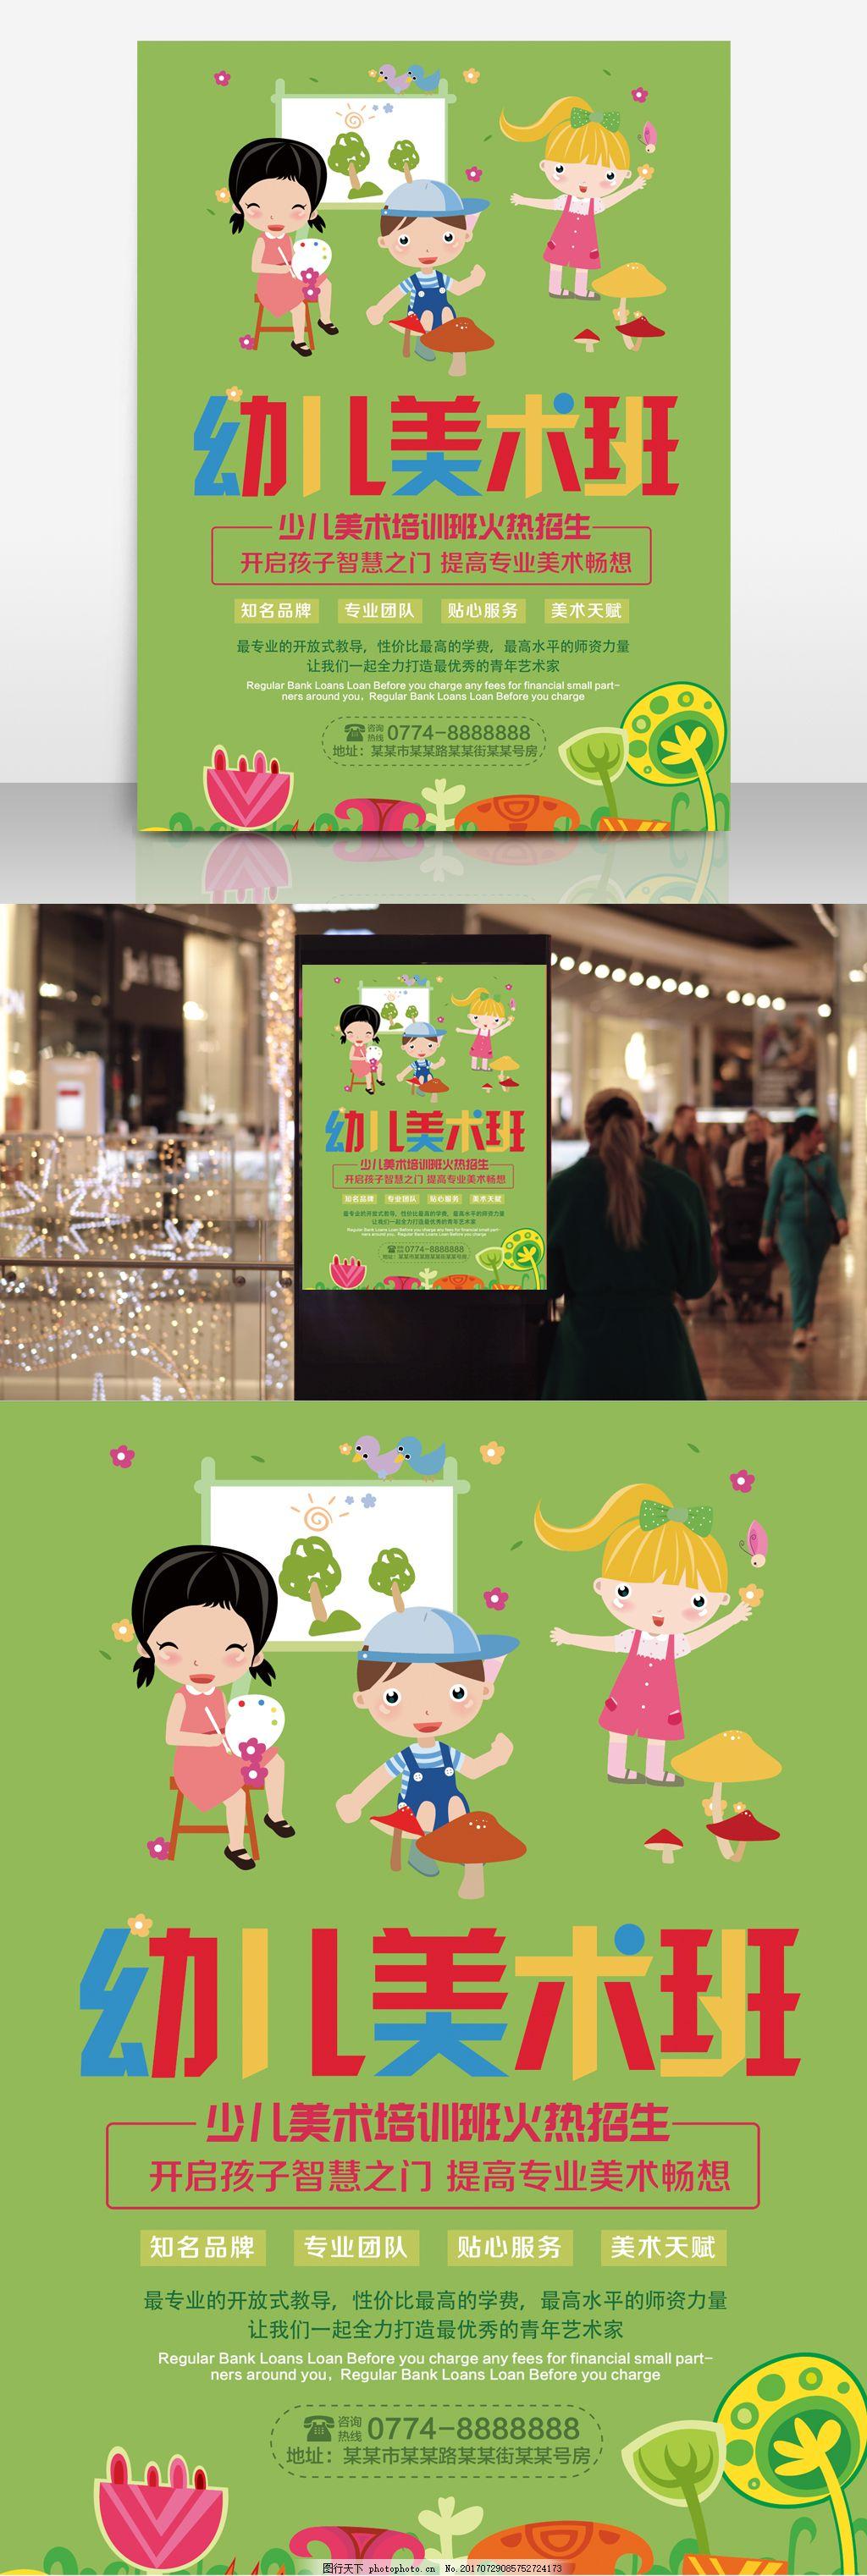 幼儿美术班招生海报,展架 宣传单 卡通 画画-图行天下